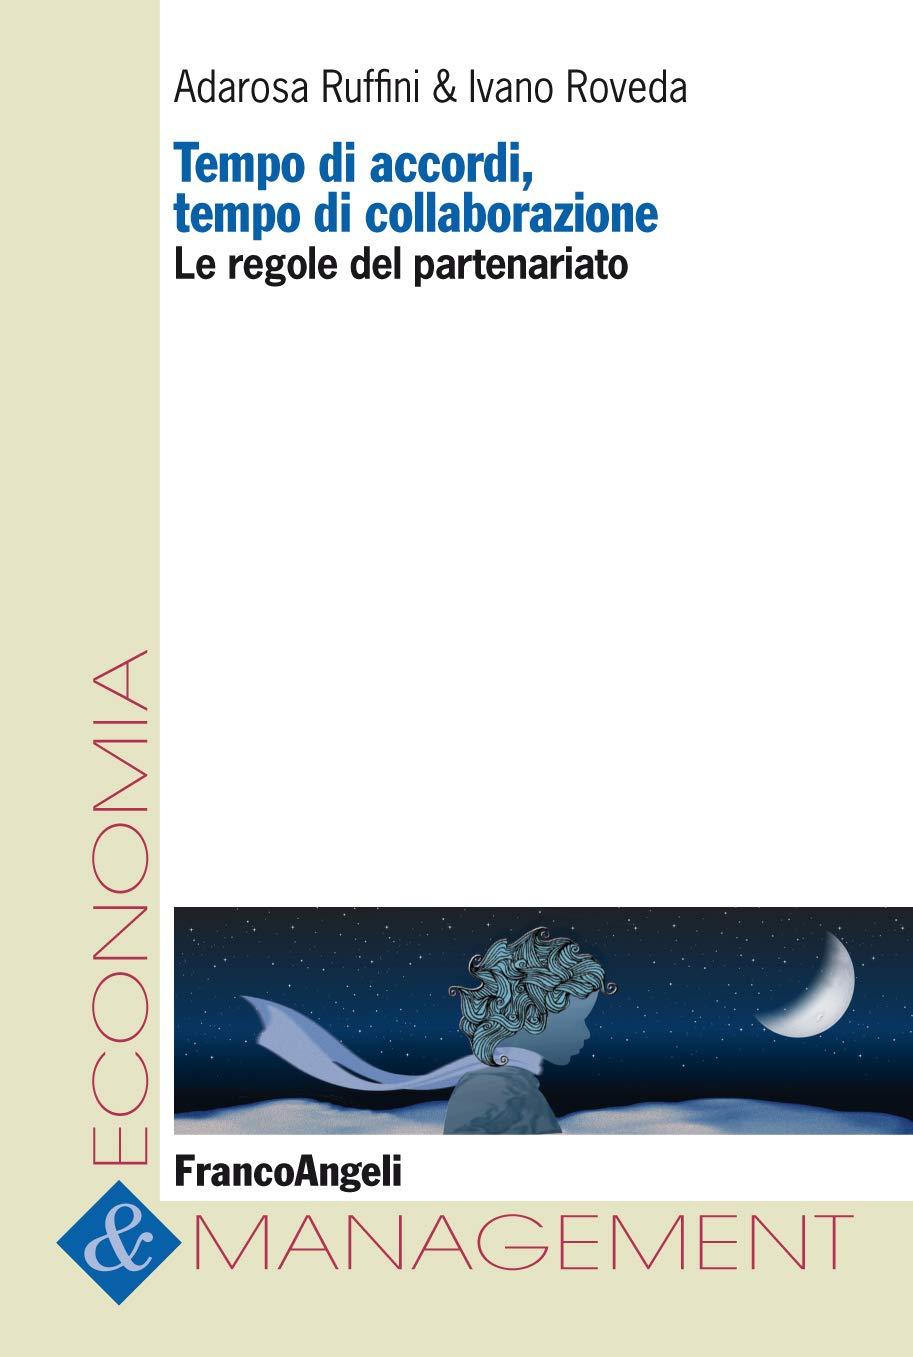 Tempo di accordi, tempo di collaborazione: Le regole del partenariato (Italian Edition)